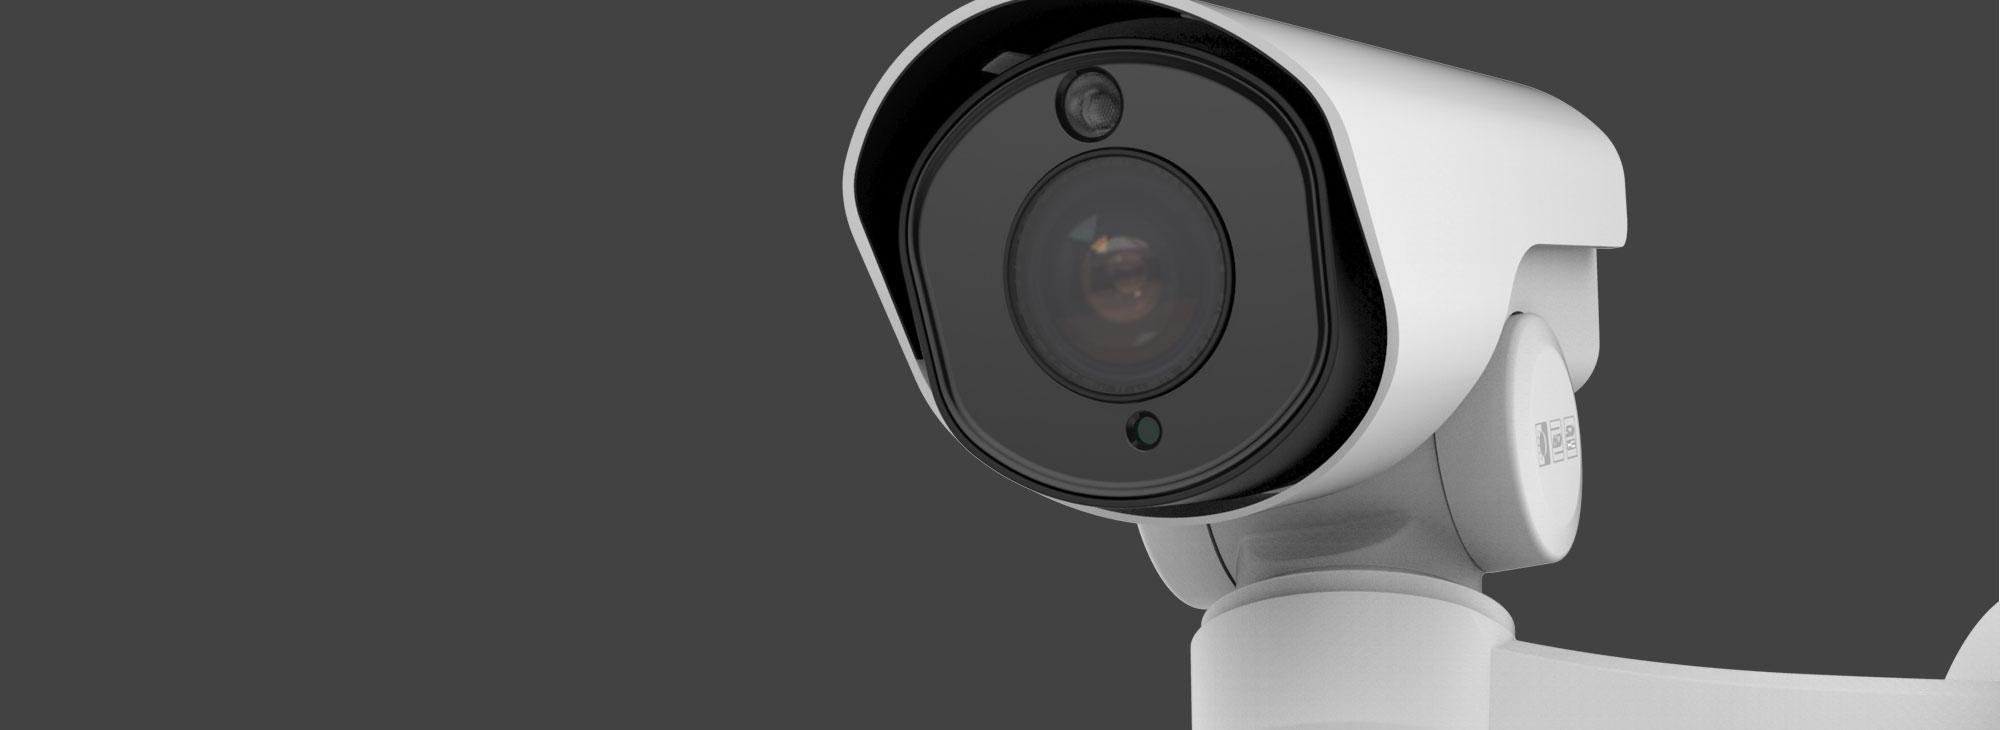 屋外防犯カメラ